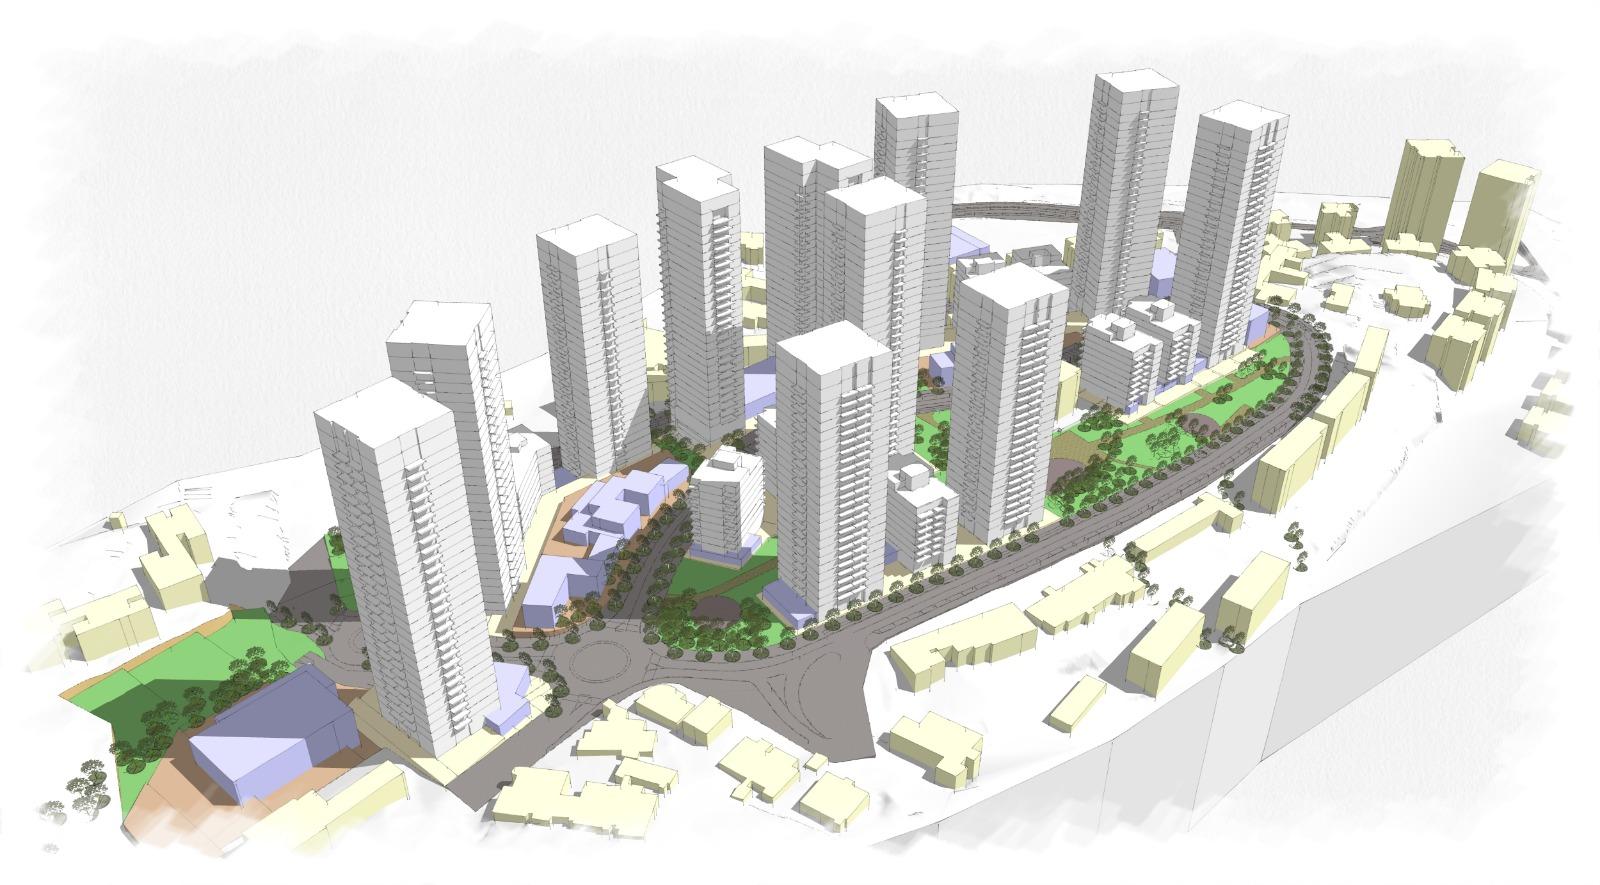 תוכנית הבנייה ברחוב הנורית בקרית מנחם (הדמיה: ארי כהן)